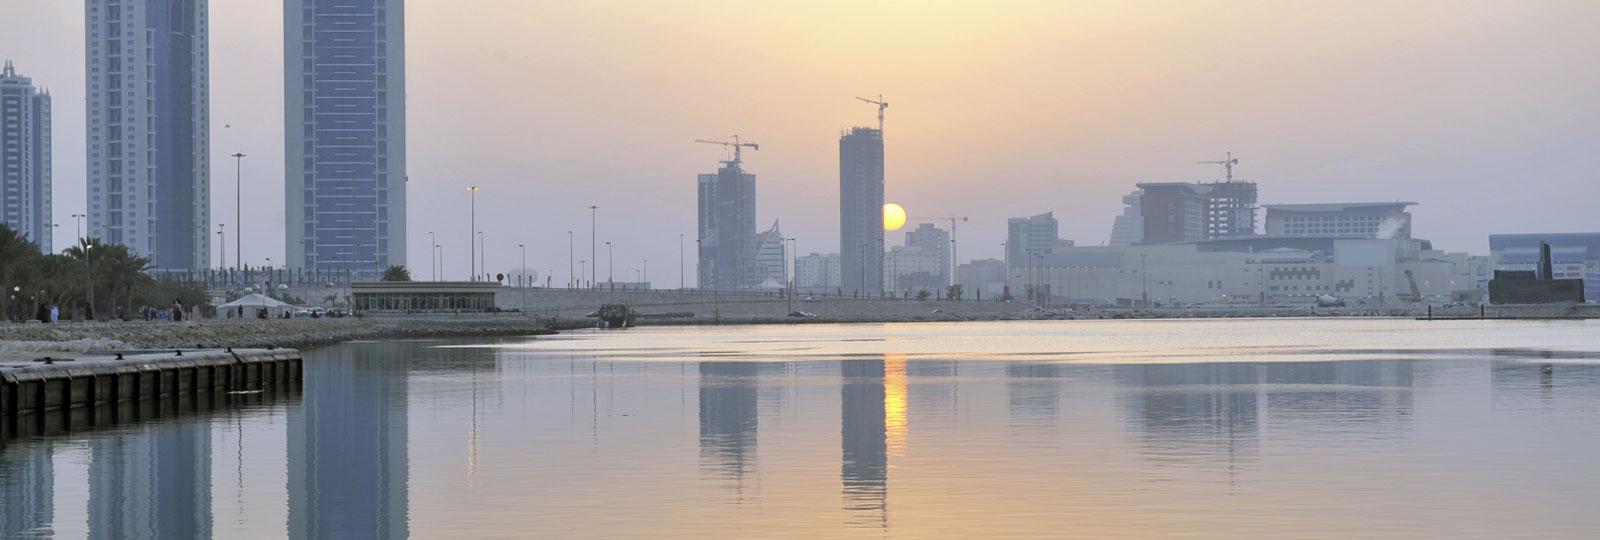 أمواج لاغون في مملكة البحرين